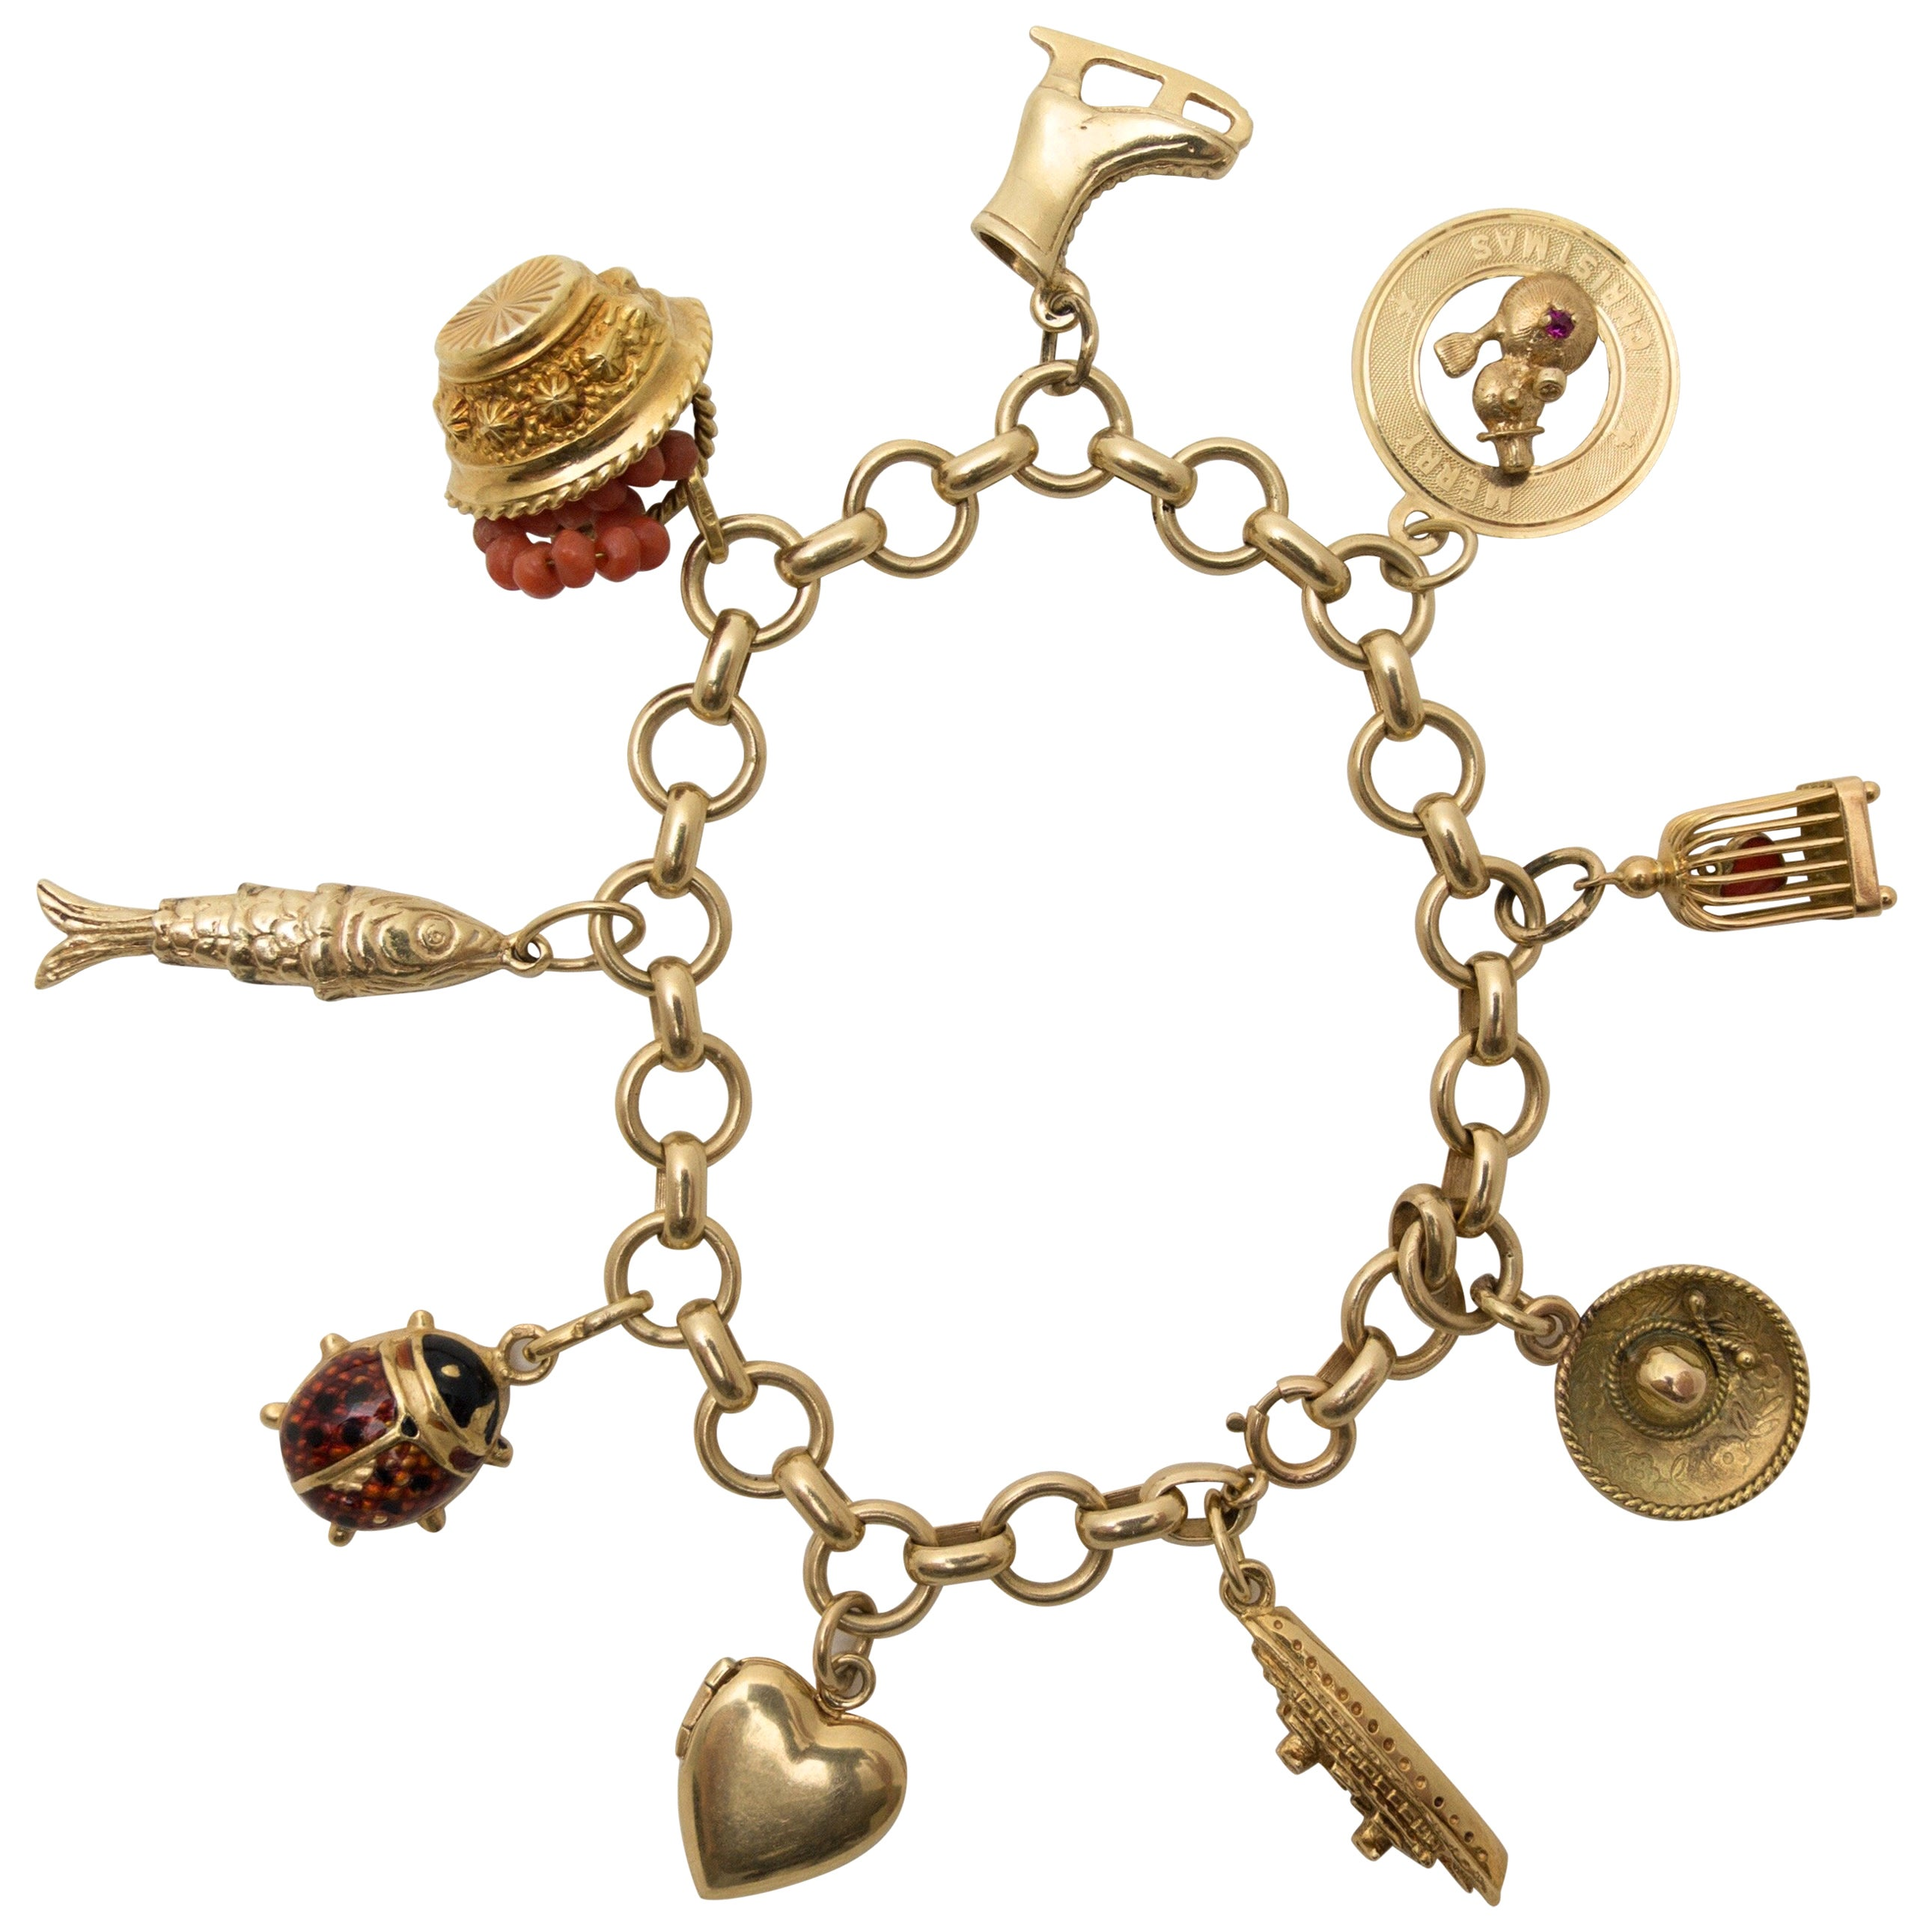 Vintage Gold Charms Bracelet